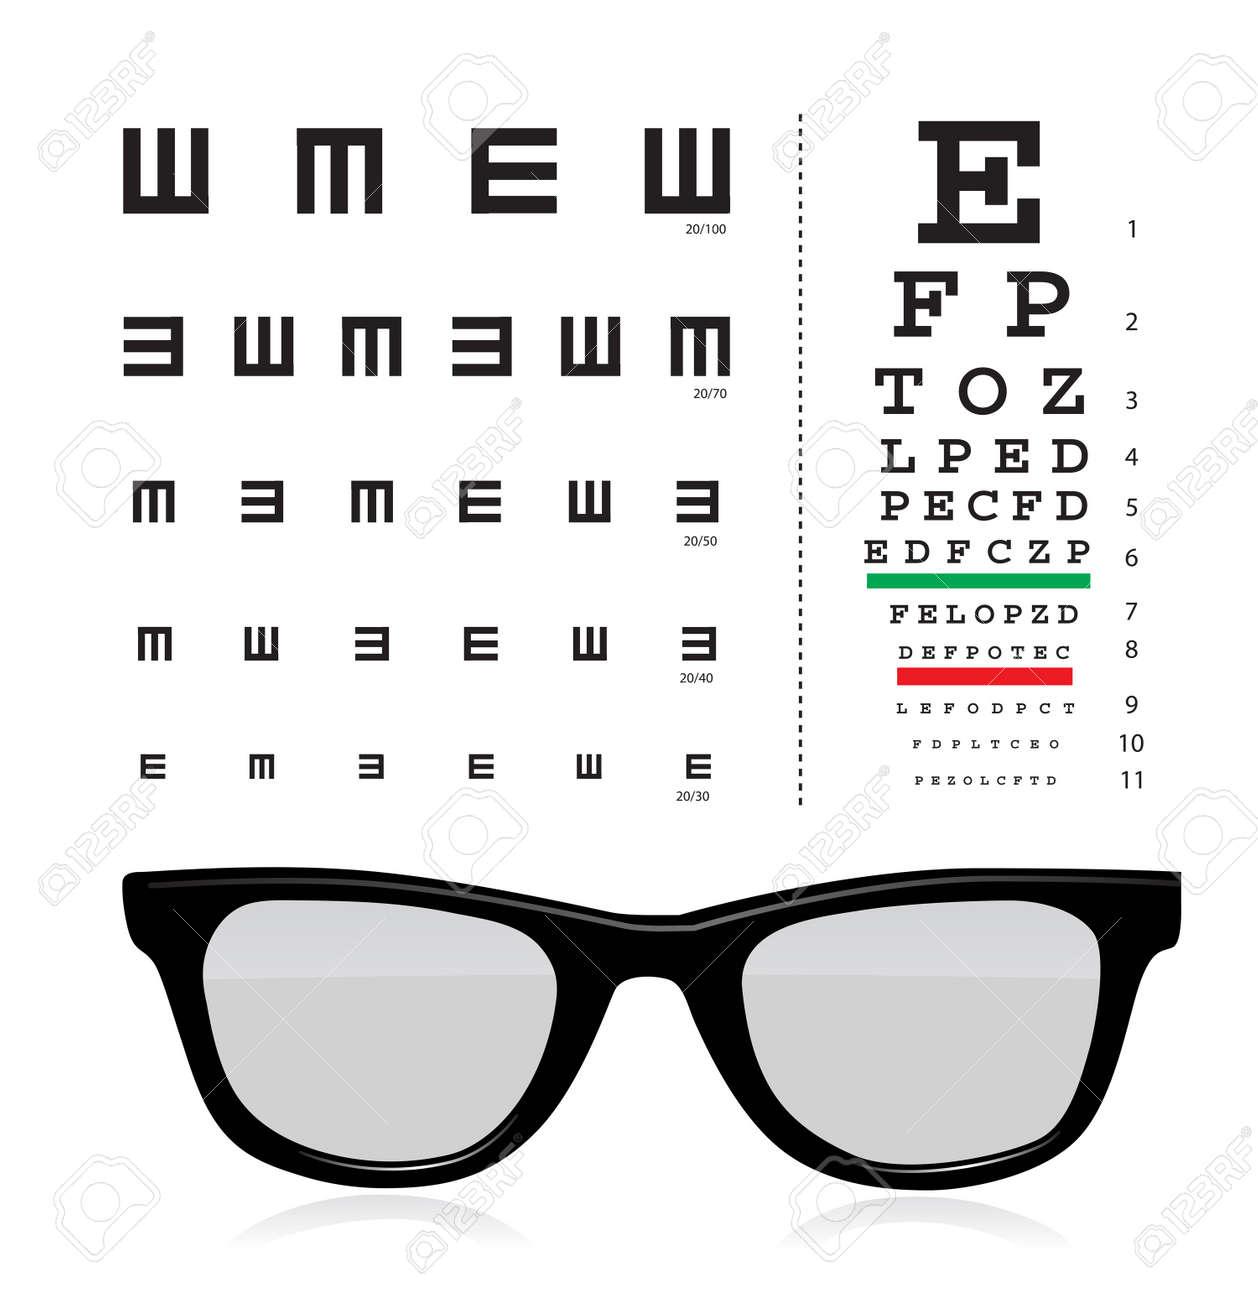 Eyeglasses Test Clip Art